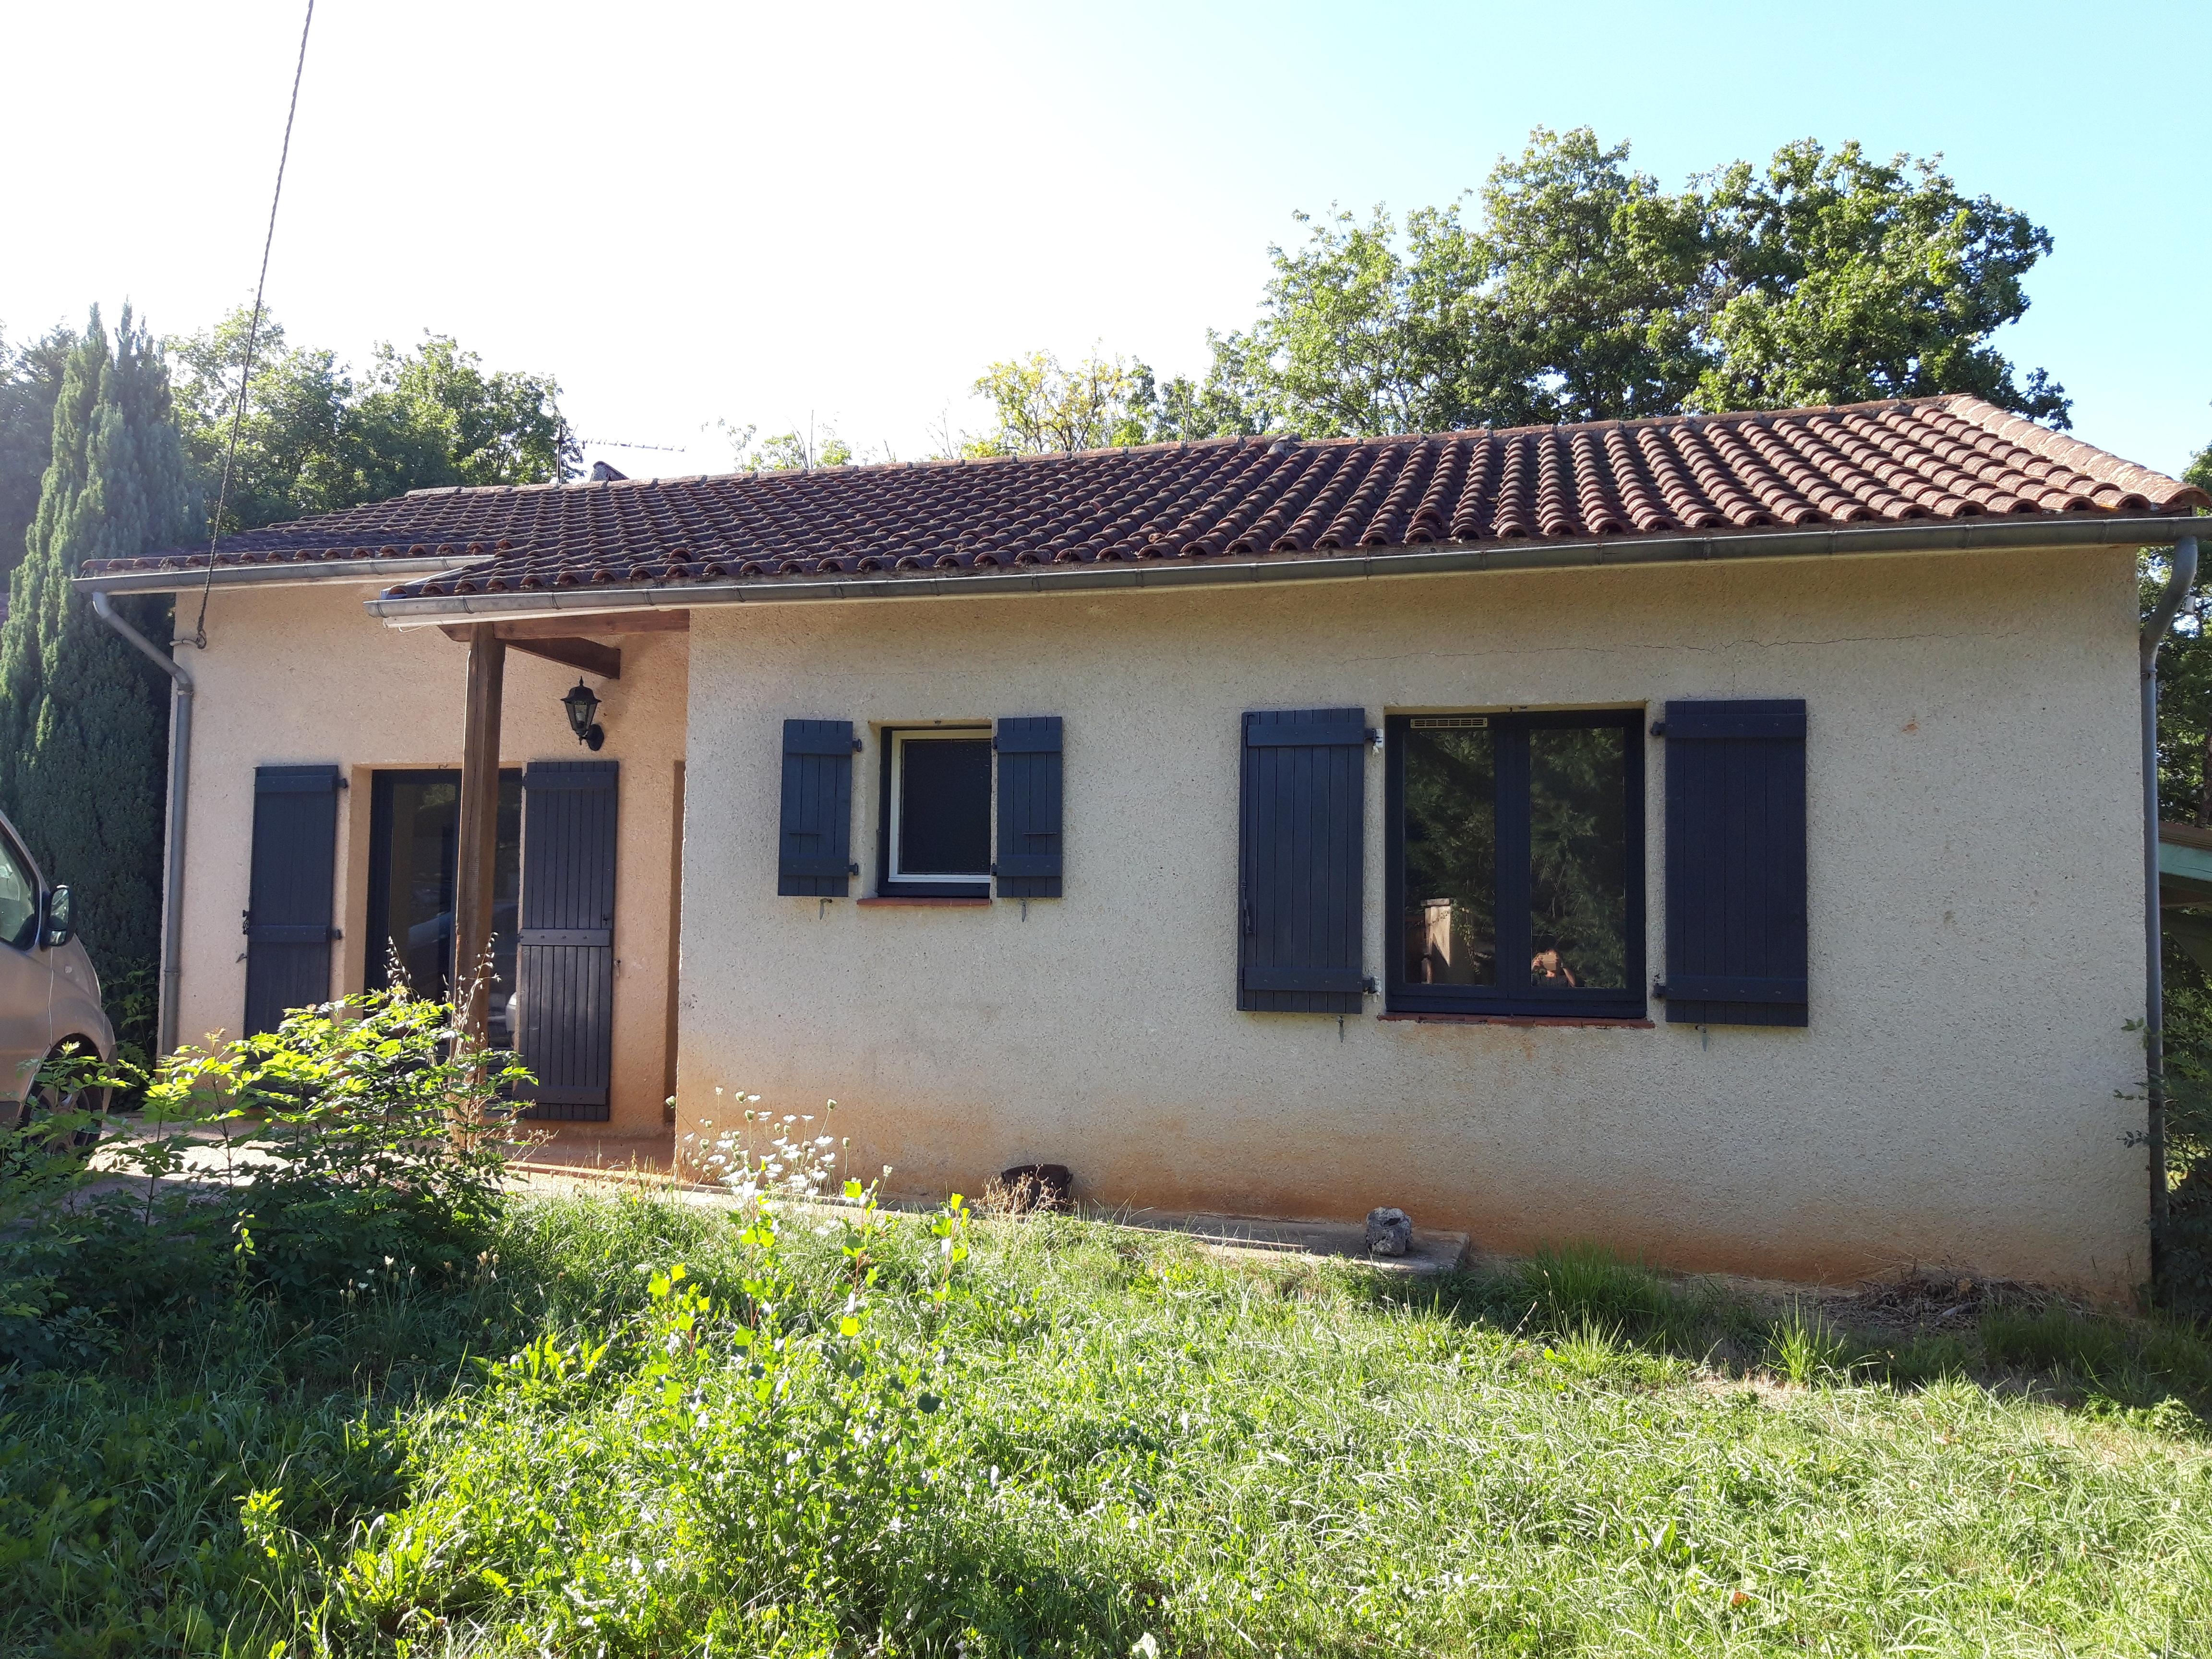 Maison de Plain-pied T4 à vendre à FIGEAC